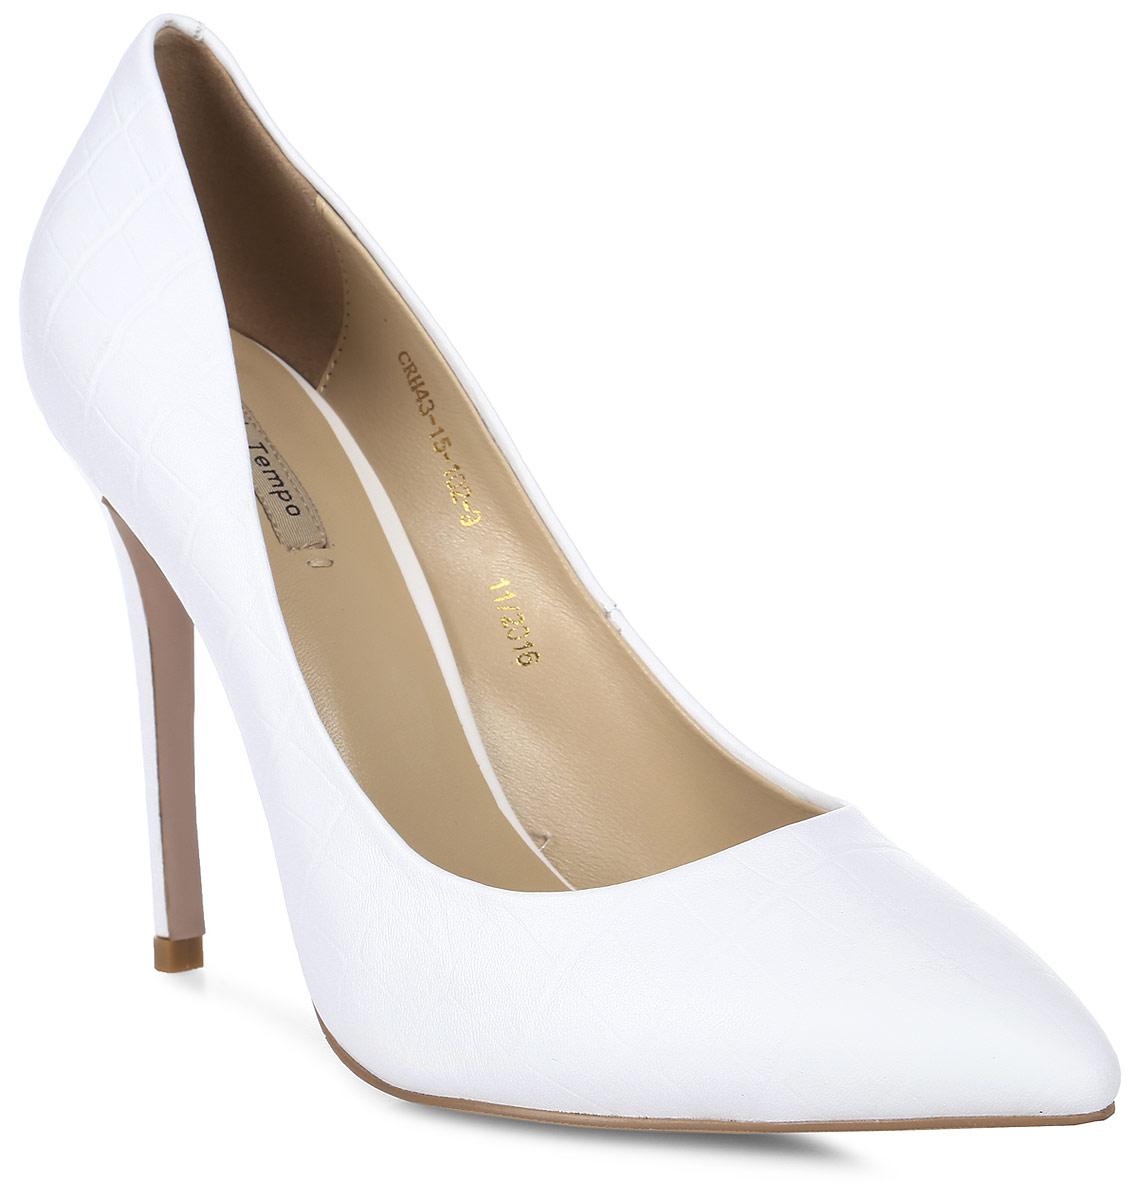 Туфли женские El Tempo, цвет: белый. CRH43_15-102-9. Размер 39CRH43_15-102-9Элегантные женские туфли от El Tempo изготовлены из натуральной высококачественной кожи и оформлены тиснением под рептилию. Внутренняя поверхность и стелька из мягкой натуральной кожи обеспечивают комфорт при ходьбе. Заостренный носок и высокий каблук-шпилька завершают композицию. Каблук и подошва, выполненные из качественного кожволона, дополнены рифленой поверхностью.